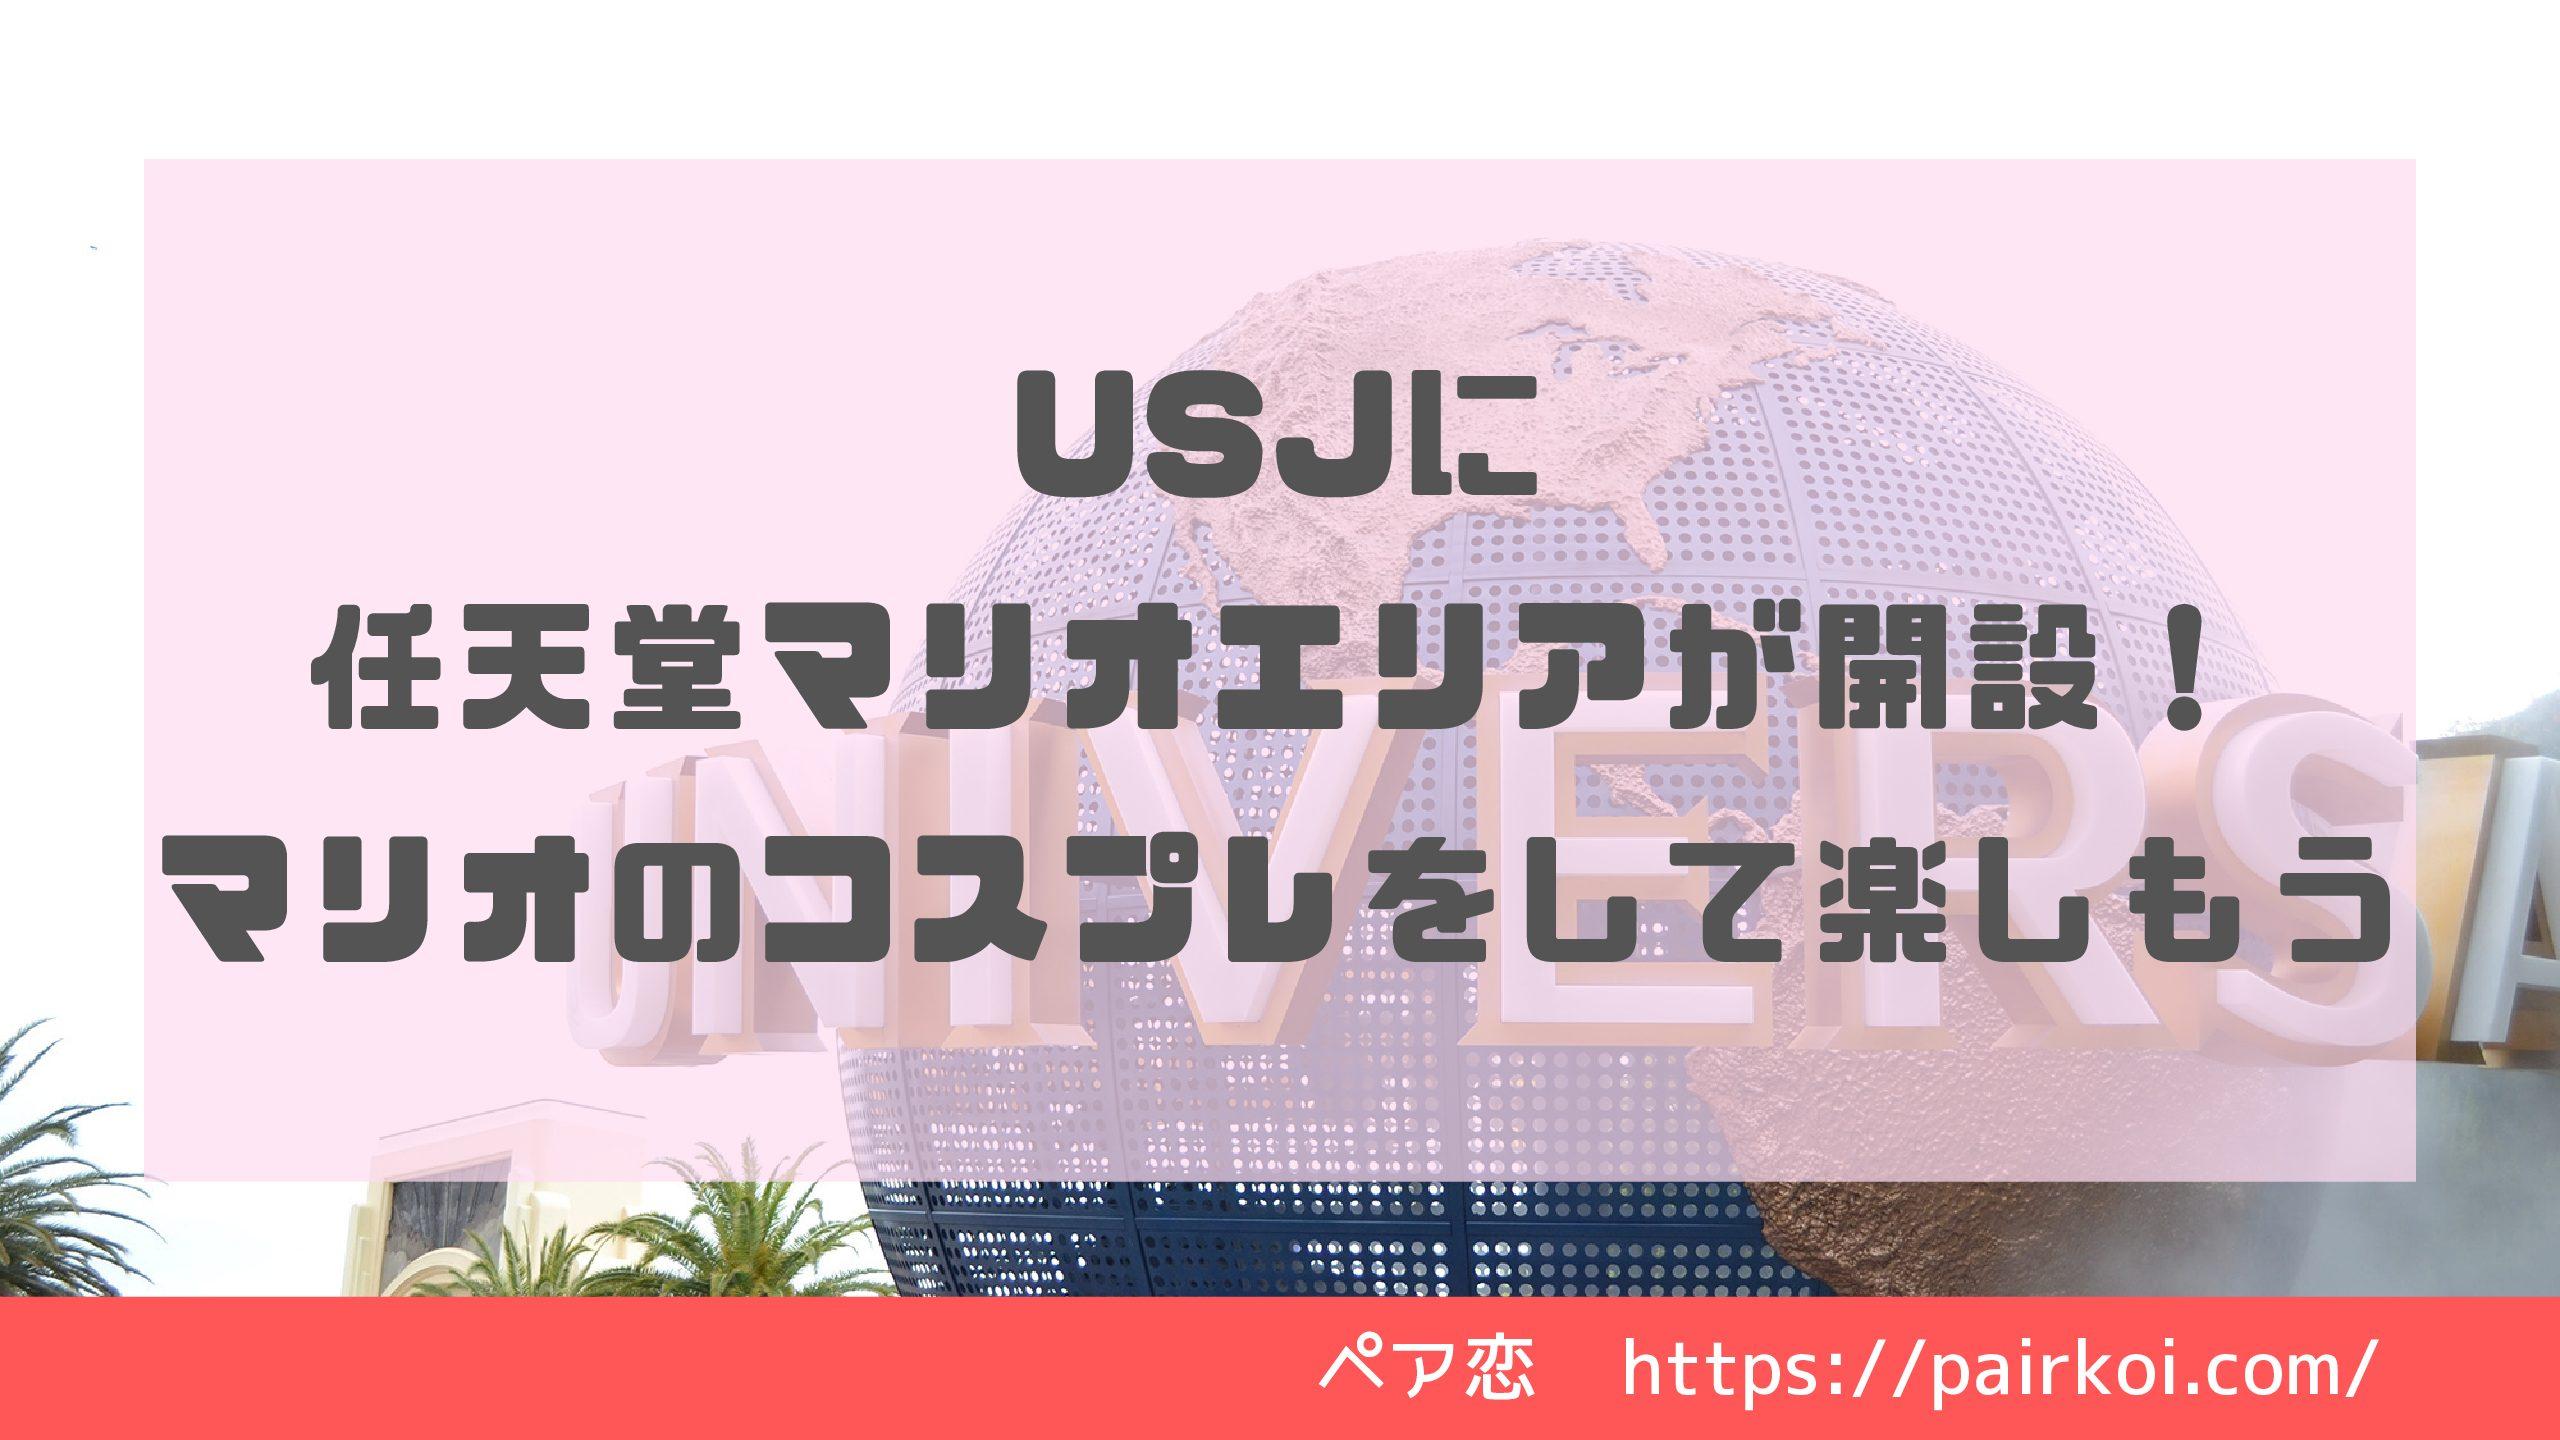 USJに任天堂マリオエリアが開設!マリオのコスプレをして楽しもう